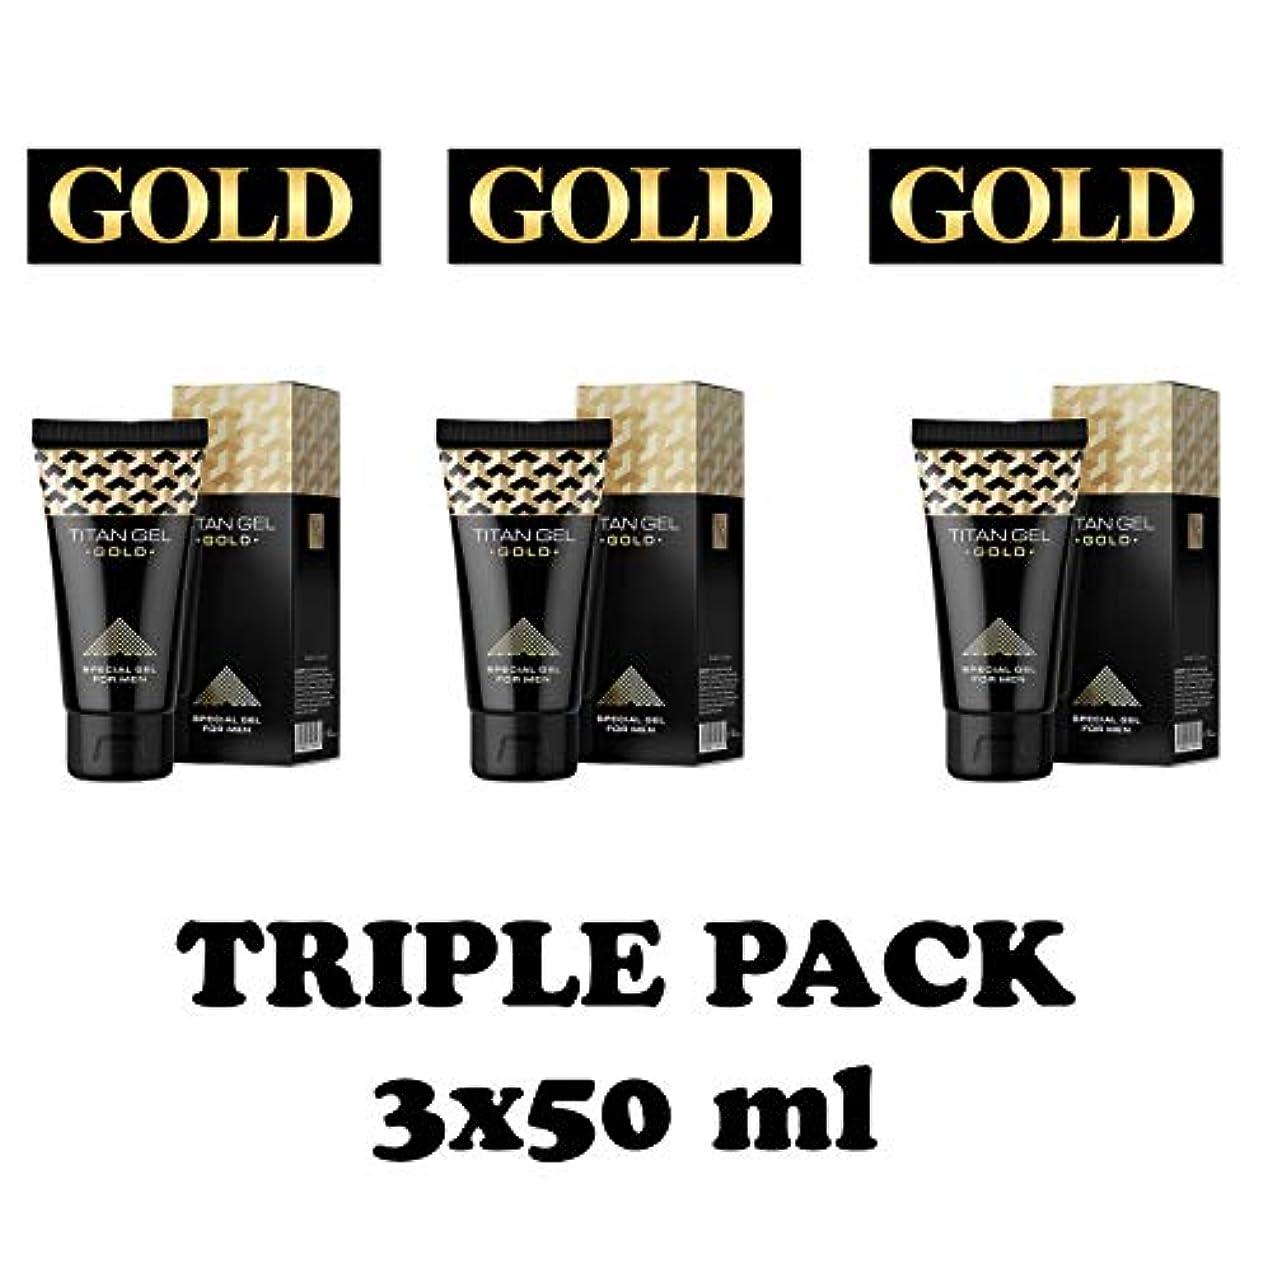 兵隊カストディアン兵隊タイタンジェル ゴールド Titan gel Gold 50ml 3箱セット 日本語説明付き [並行輸入品]